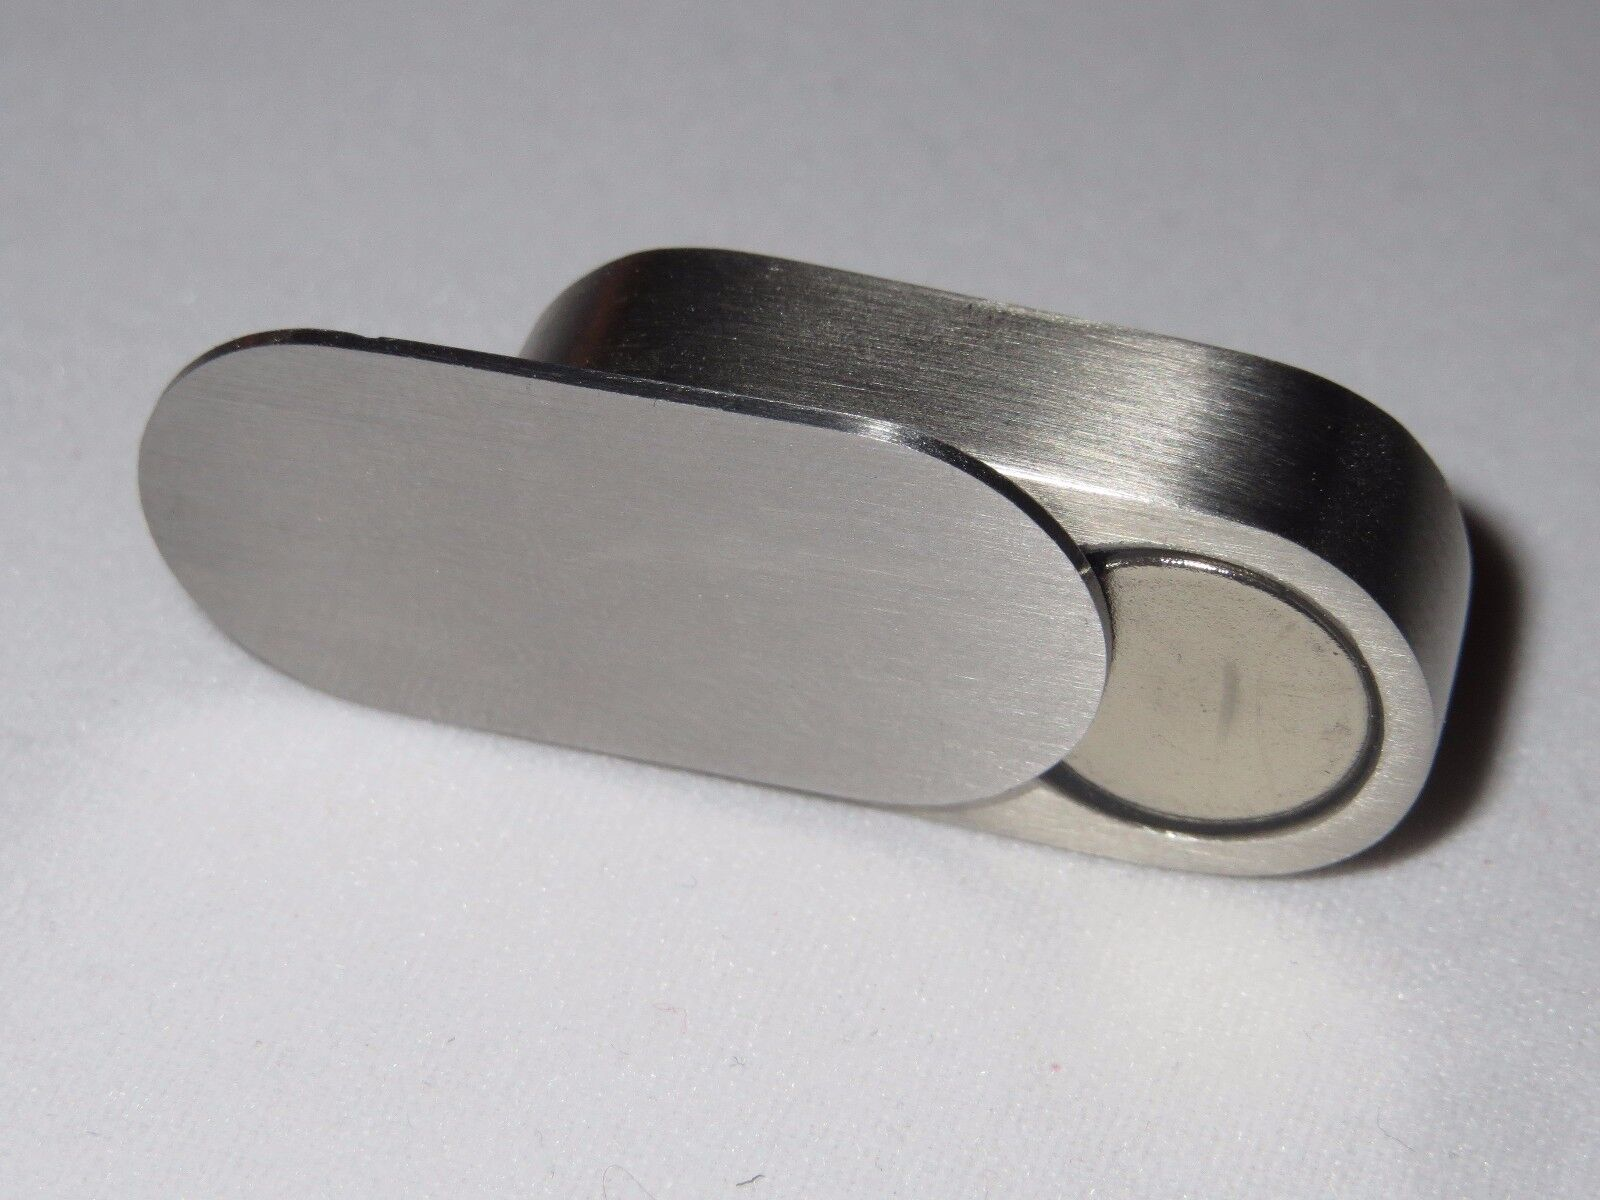 Magnet Strip Aus Edelstahl Wie Das Magnetherz, Powerherz 1